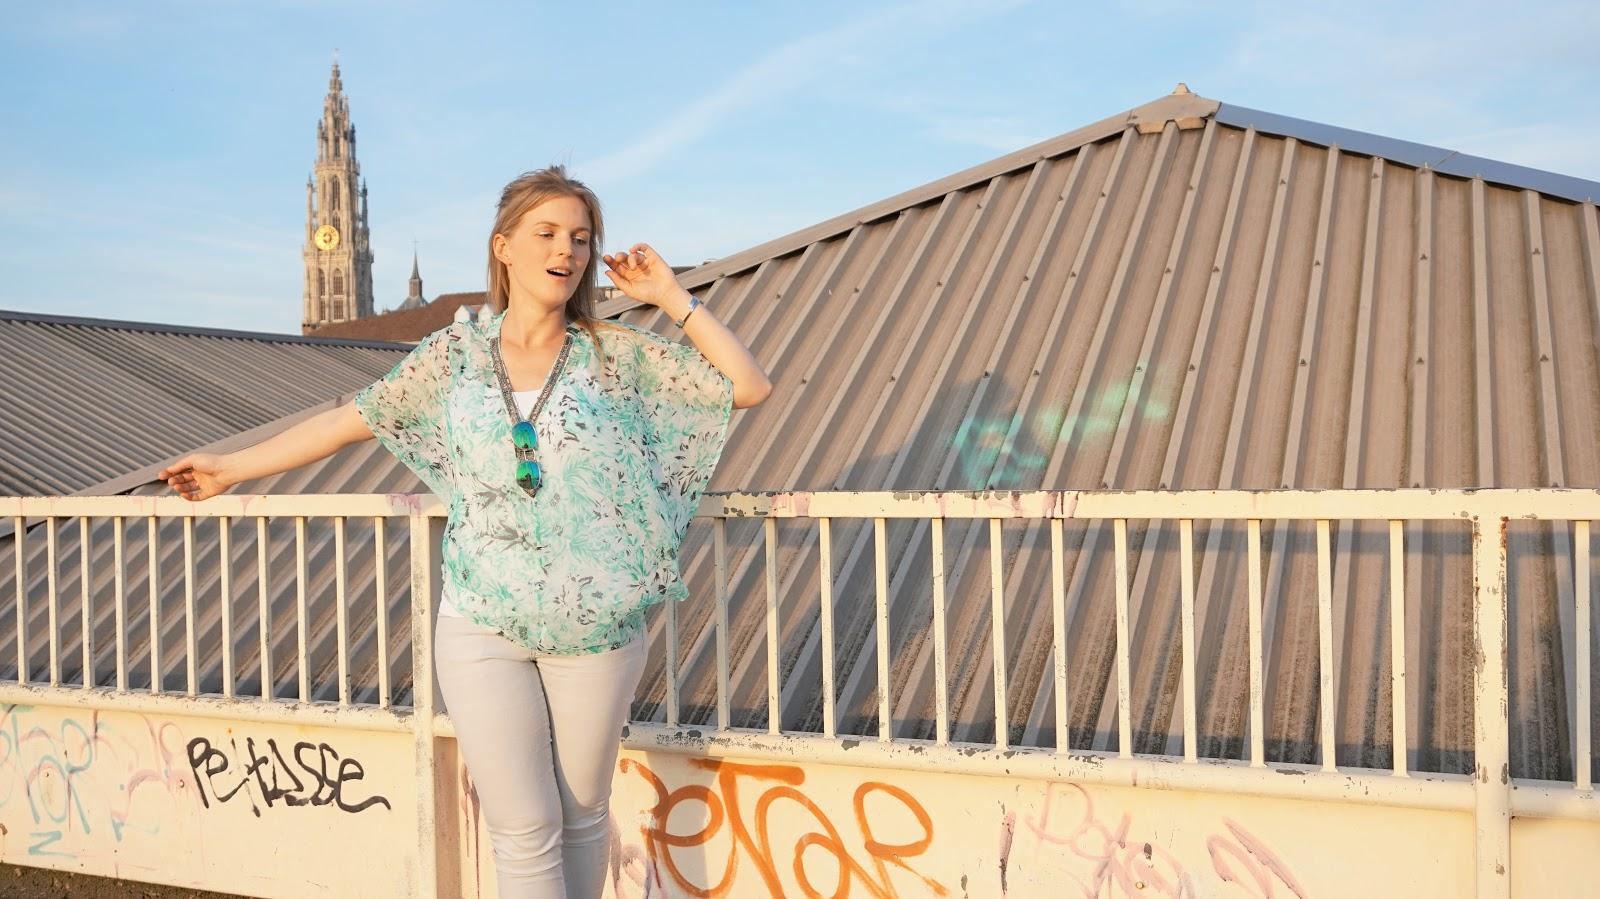 DSC06844 | Eline Van Dingenen